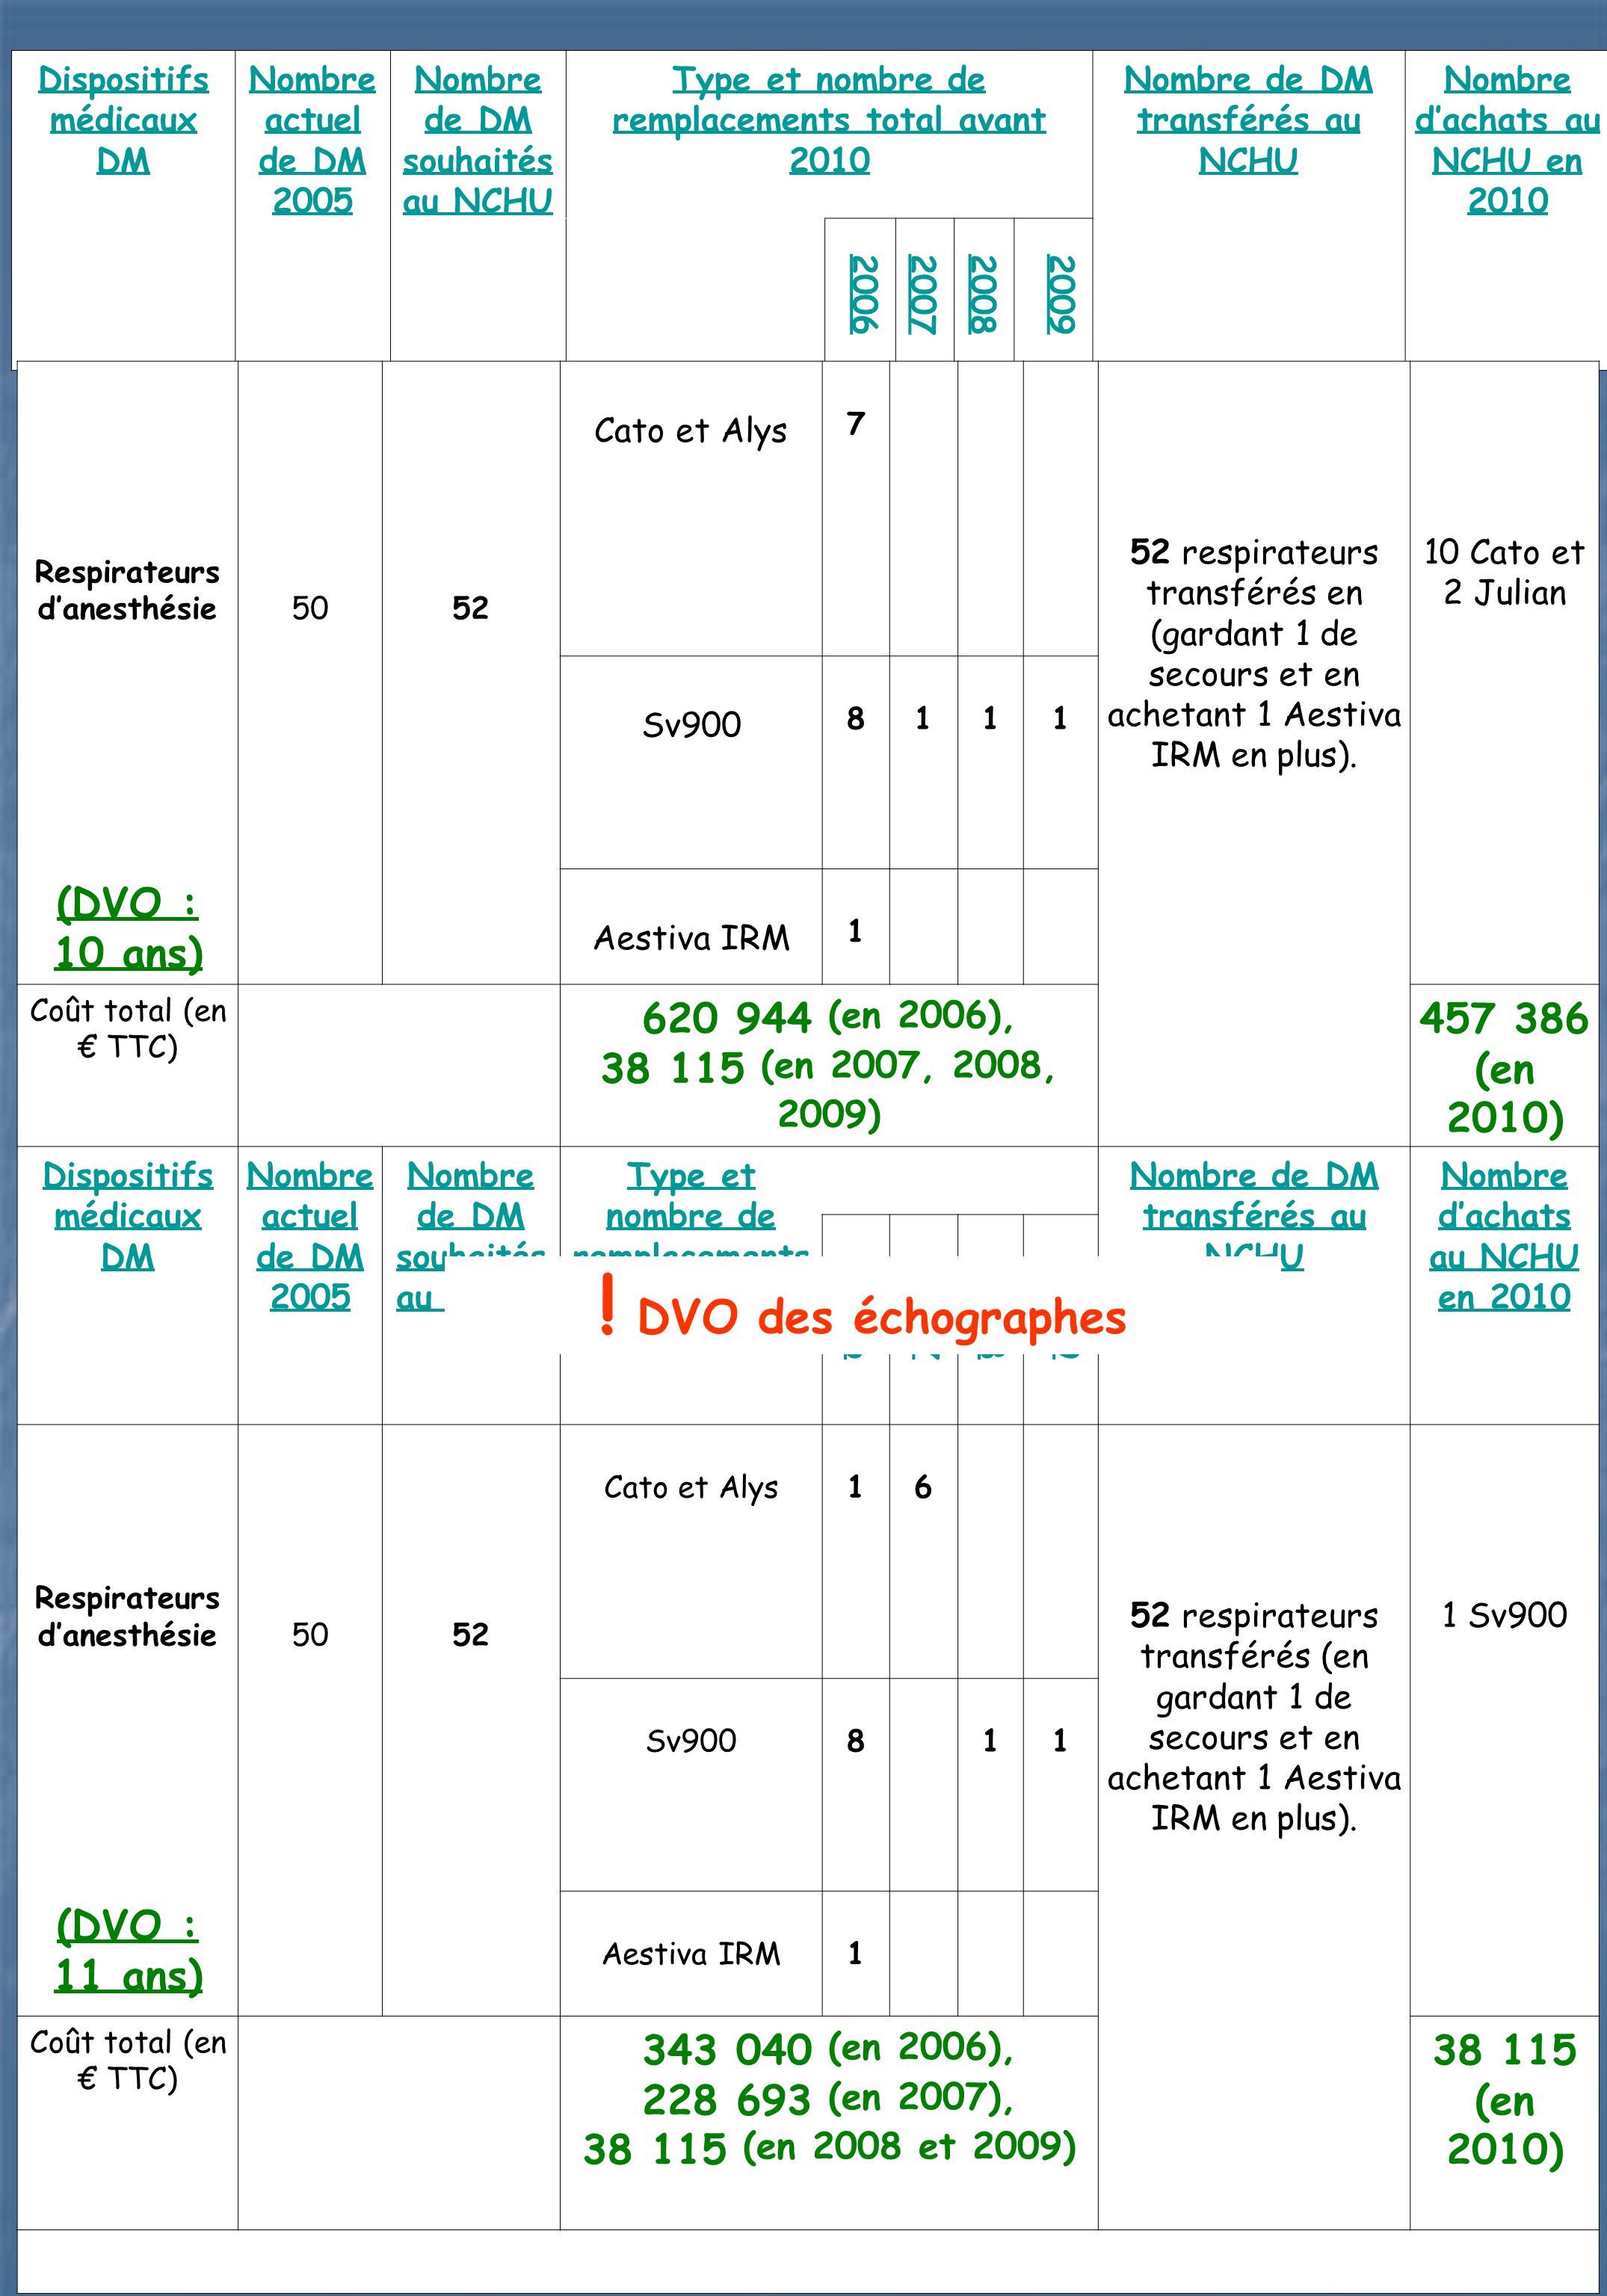 Dispositifs médicaux DM Nombre actuel de DM 2005 Nombre de DM souhaités au NCHU Type et nombre de remplacements total avant 2010 Nombre de DM transfér